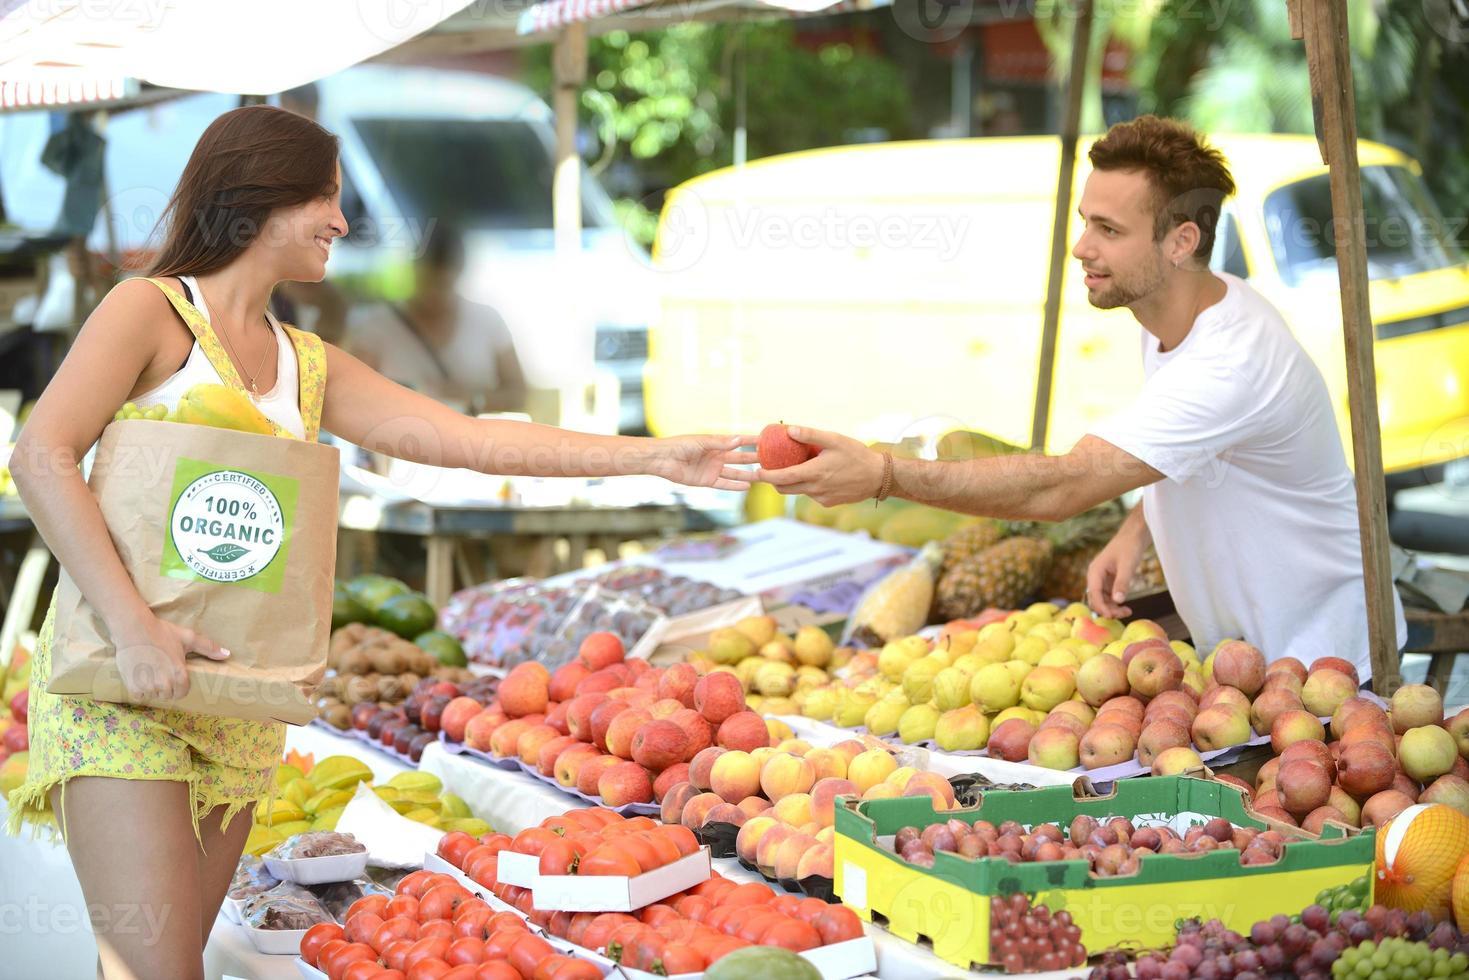 verdureiro entregando uma fruta a um consumidor. foto